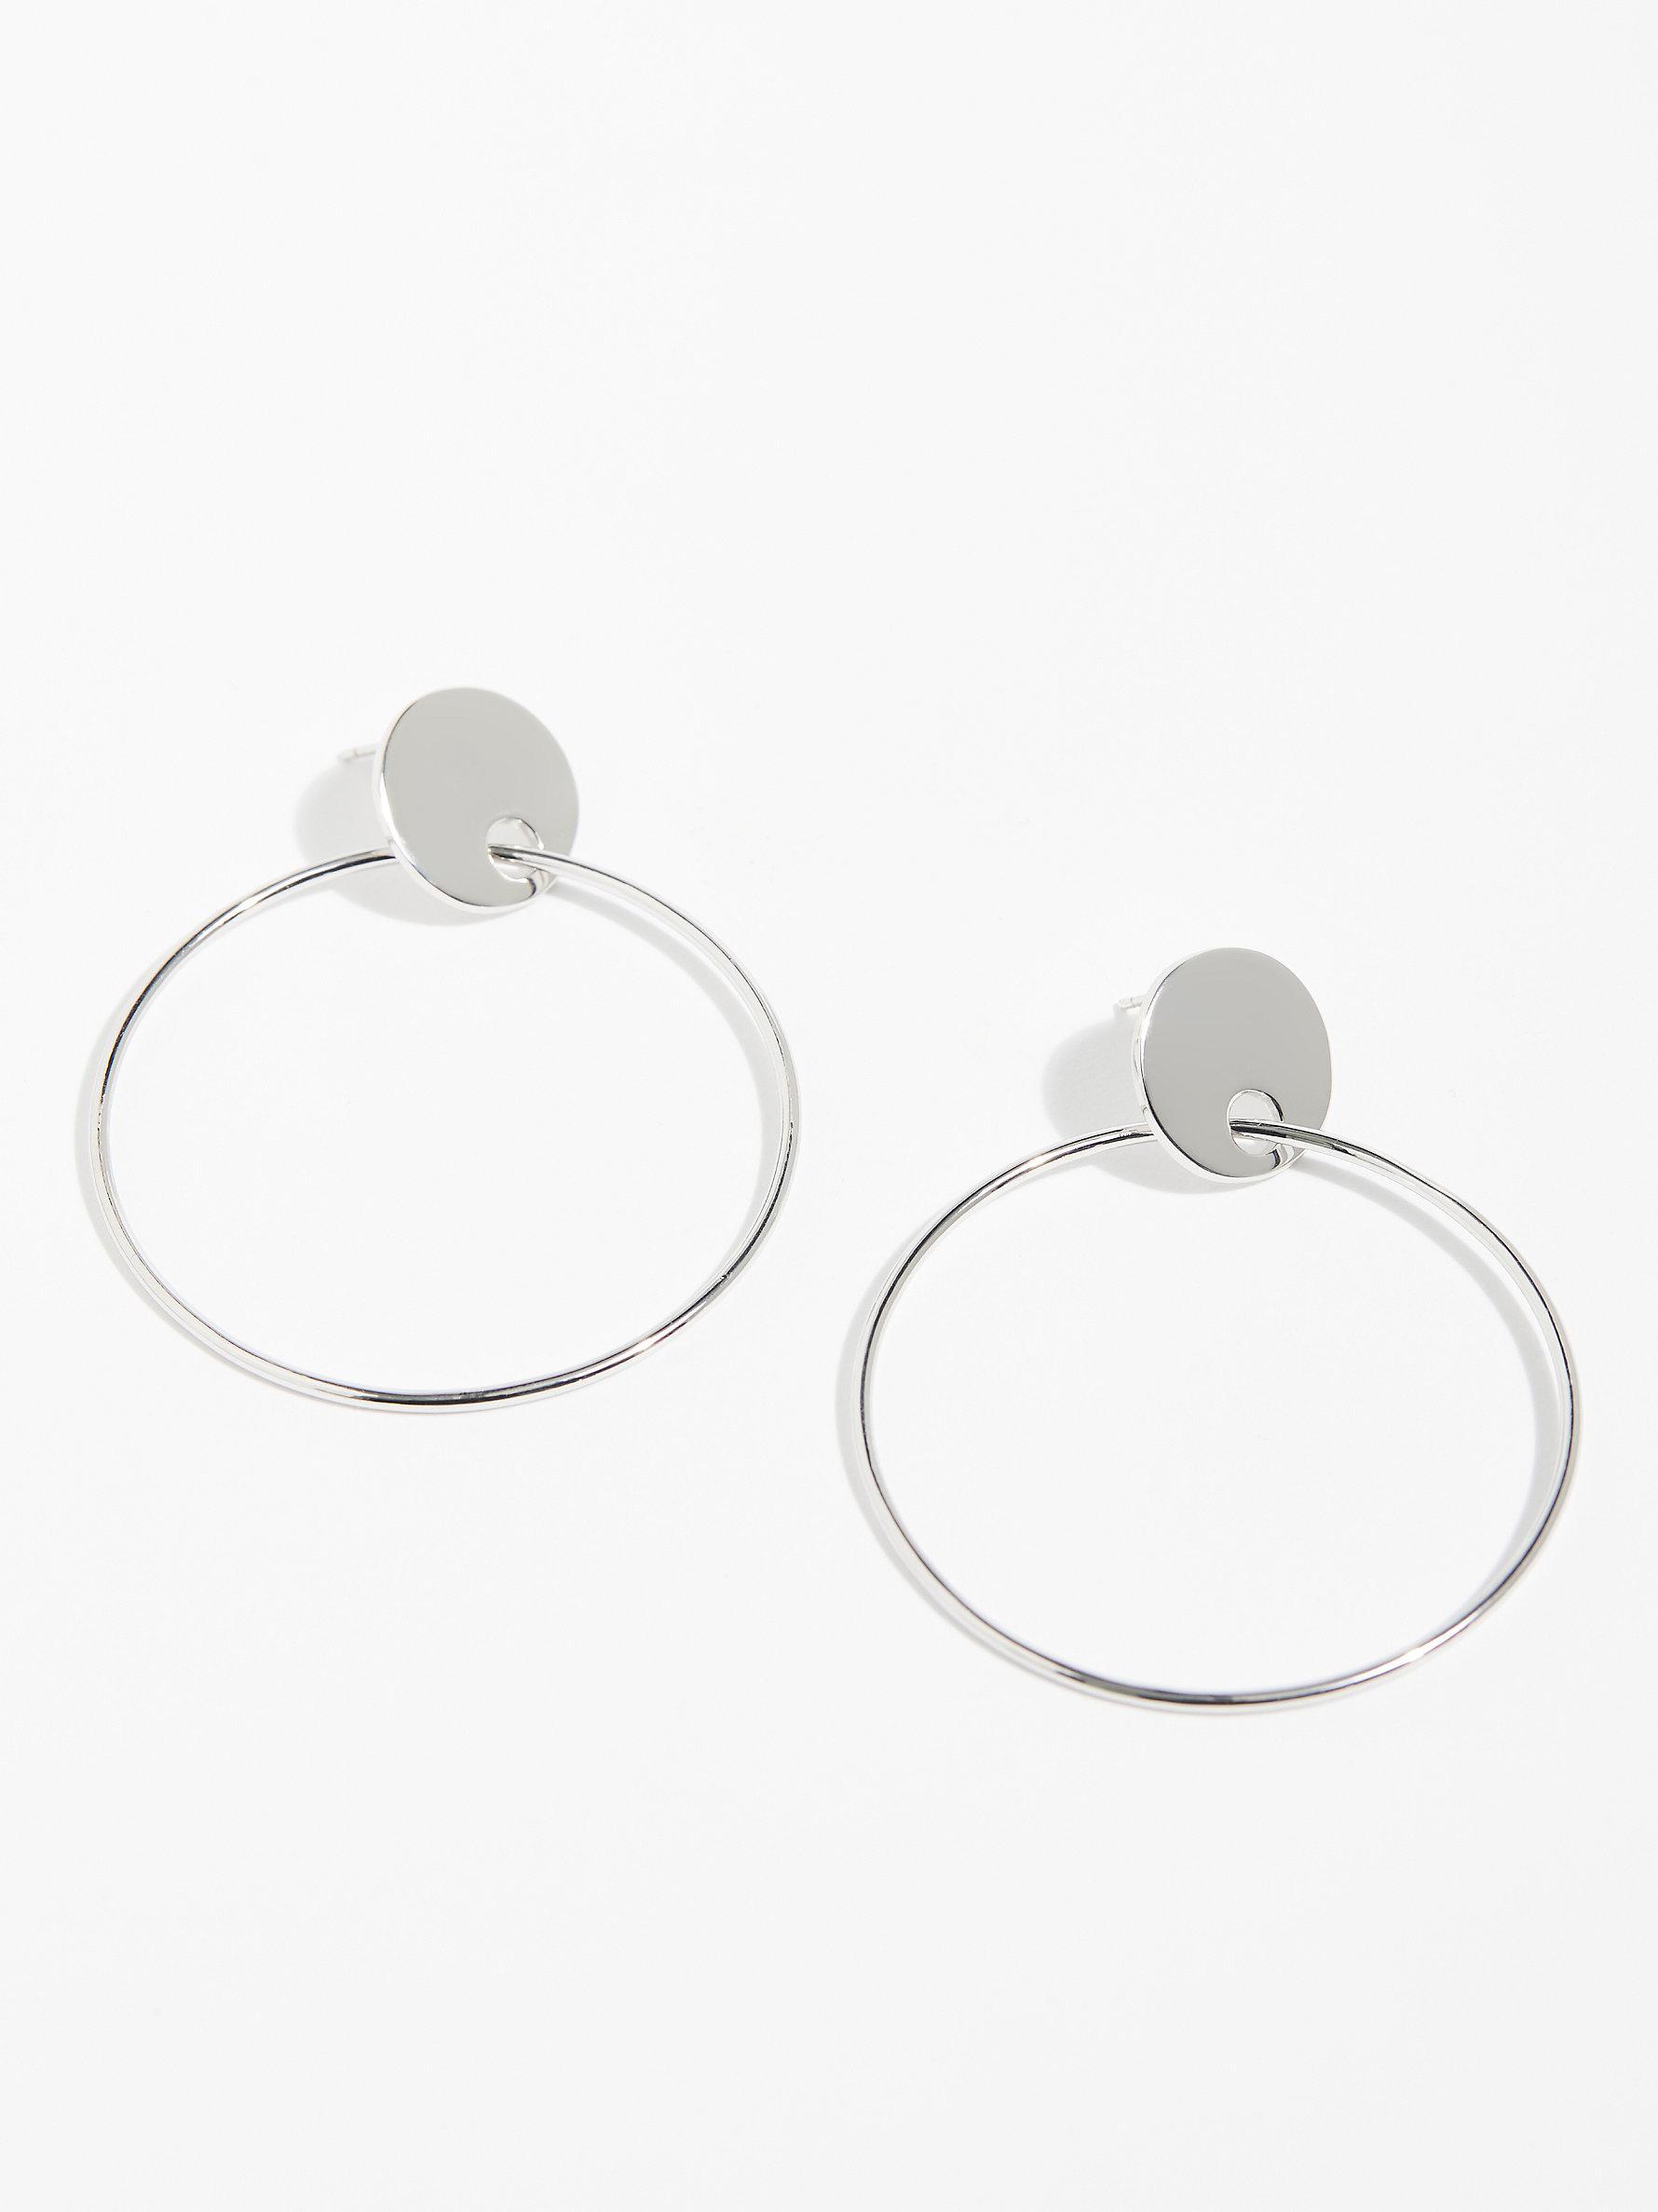 Free People Imogen Hoop Earrings in Silver (Metallic)